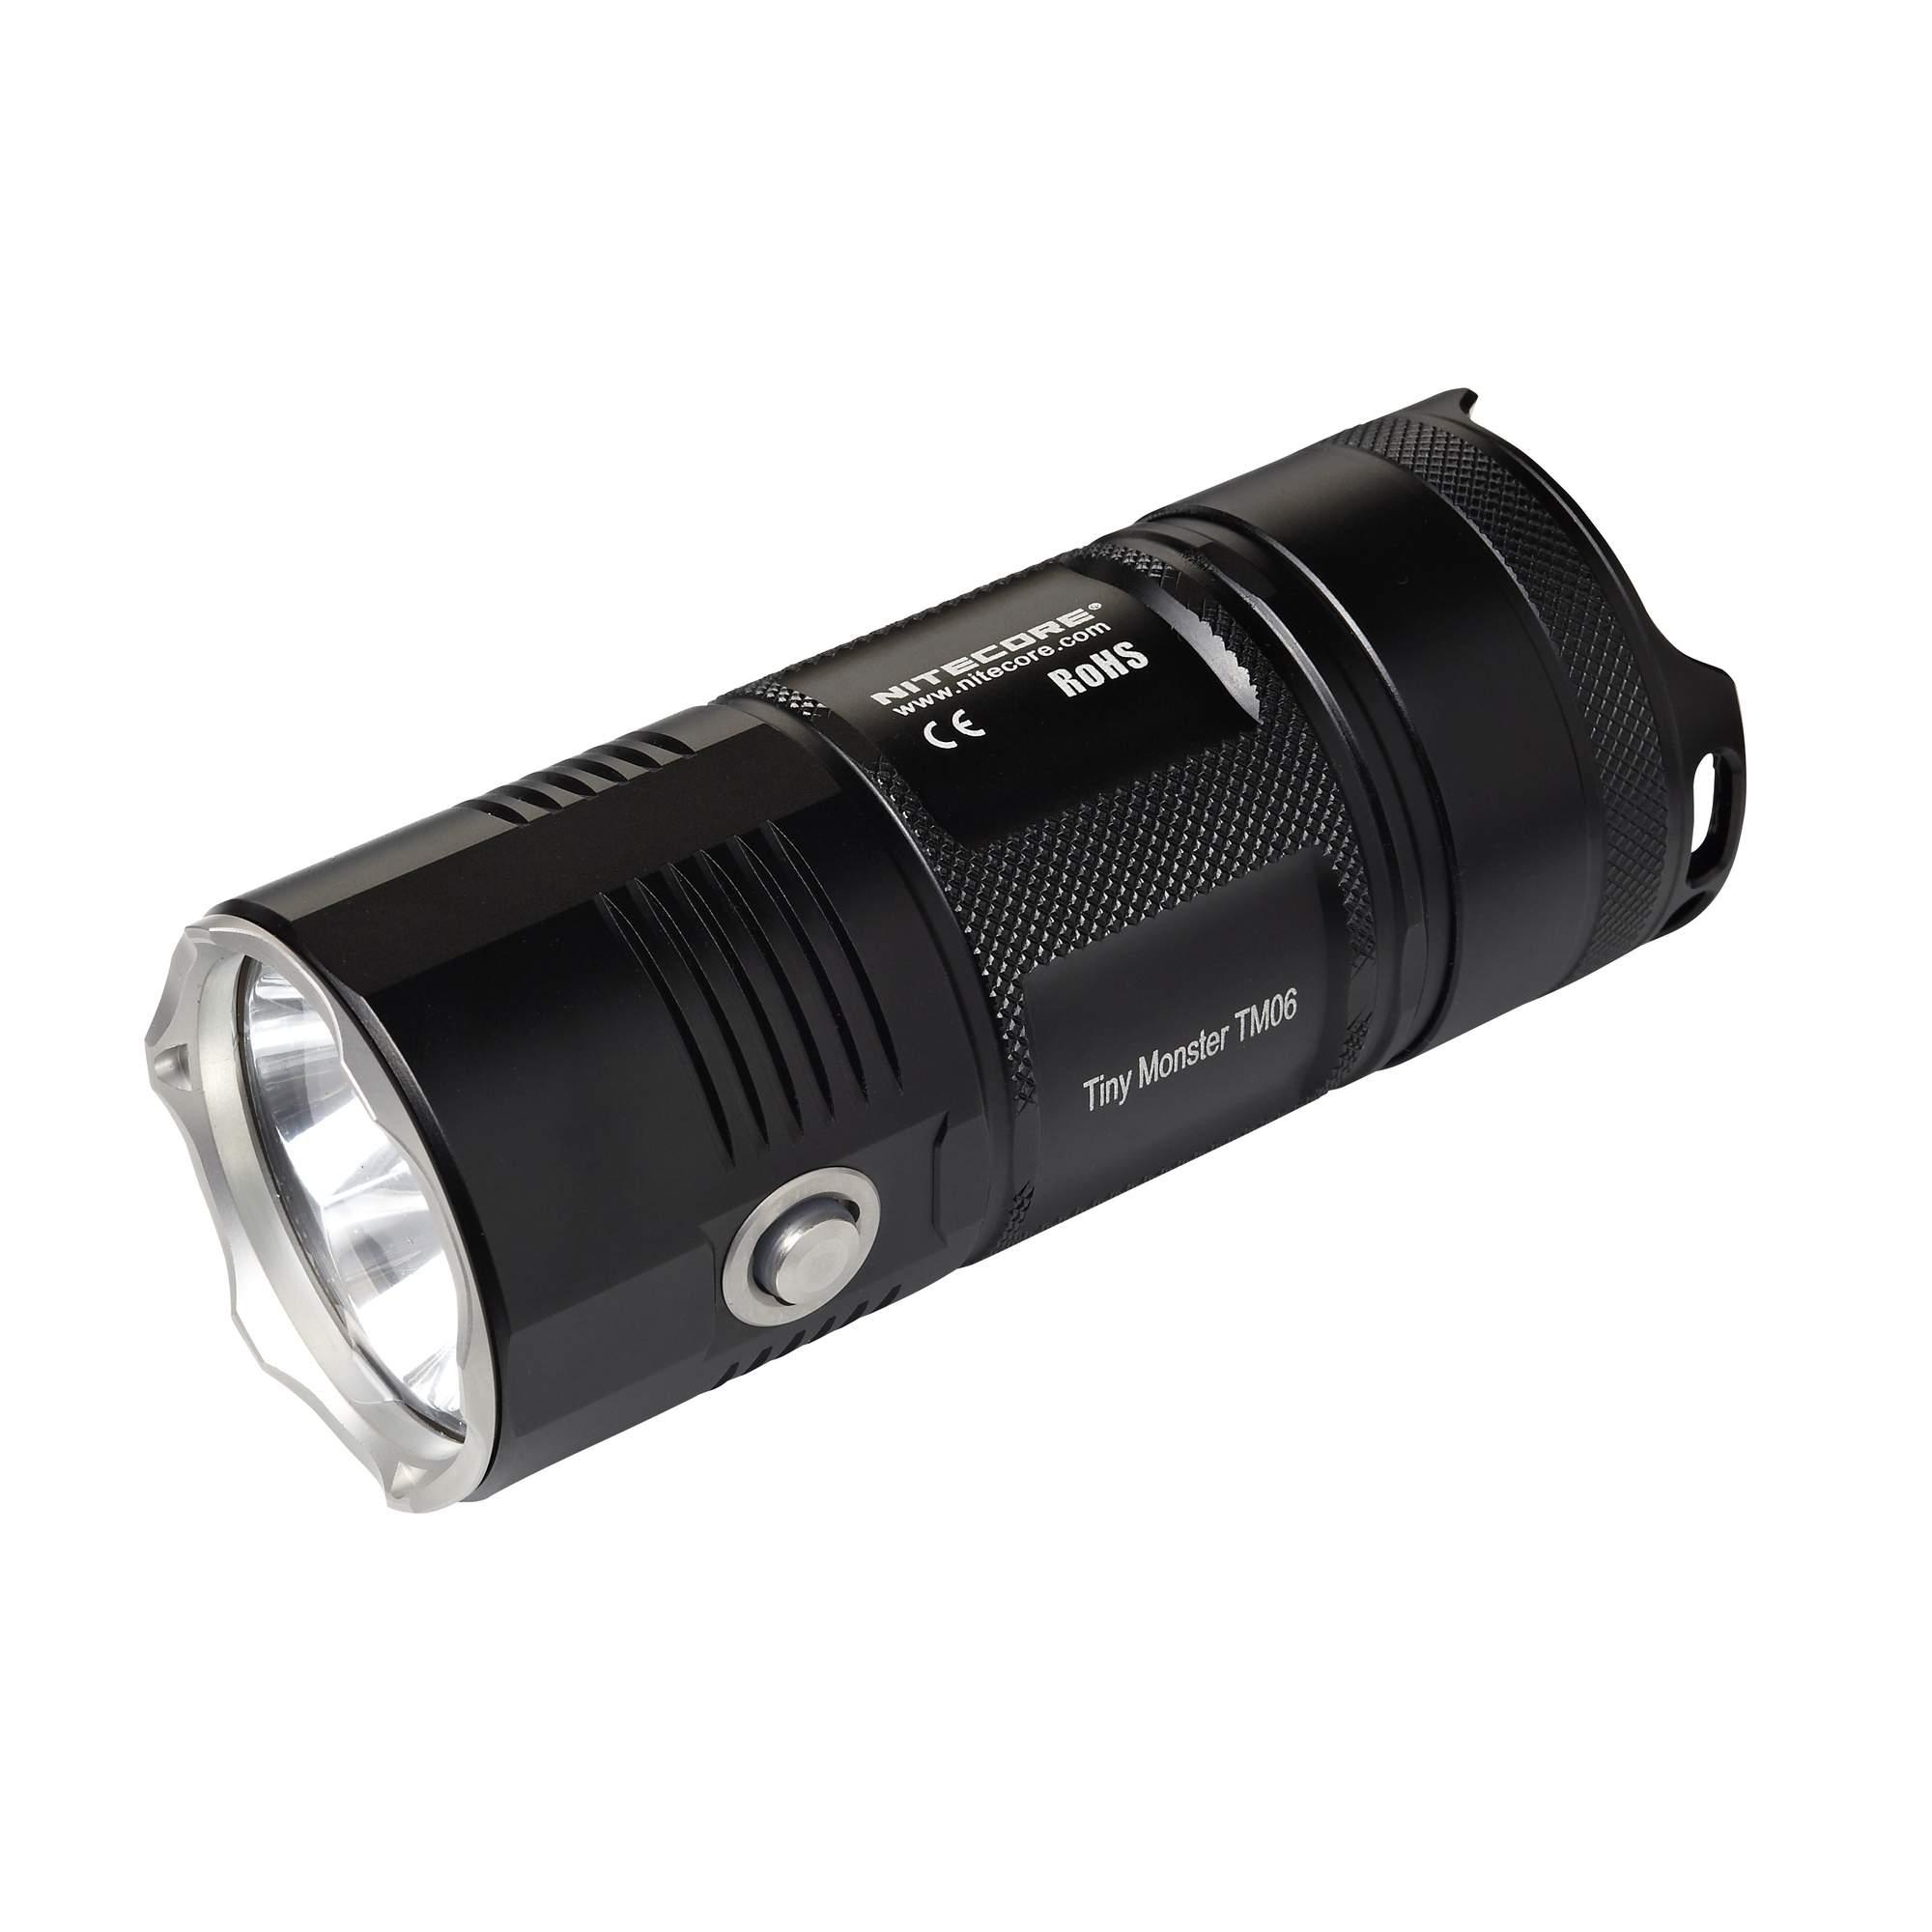 Taschenlampe Nitecore TM06, Globetrotter